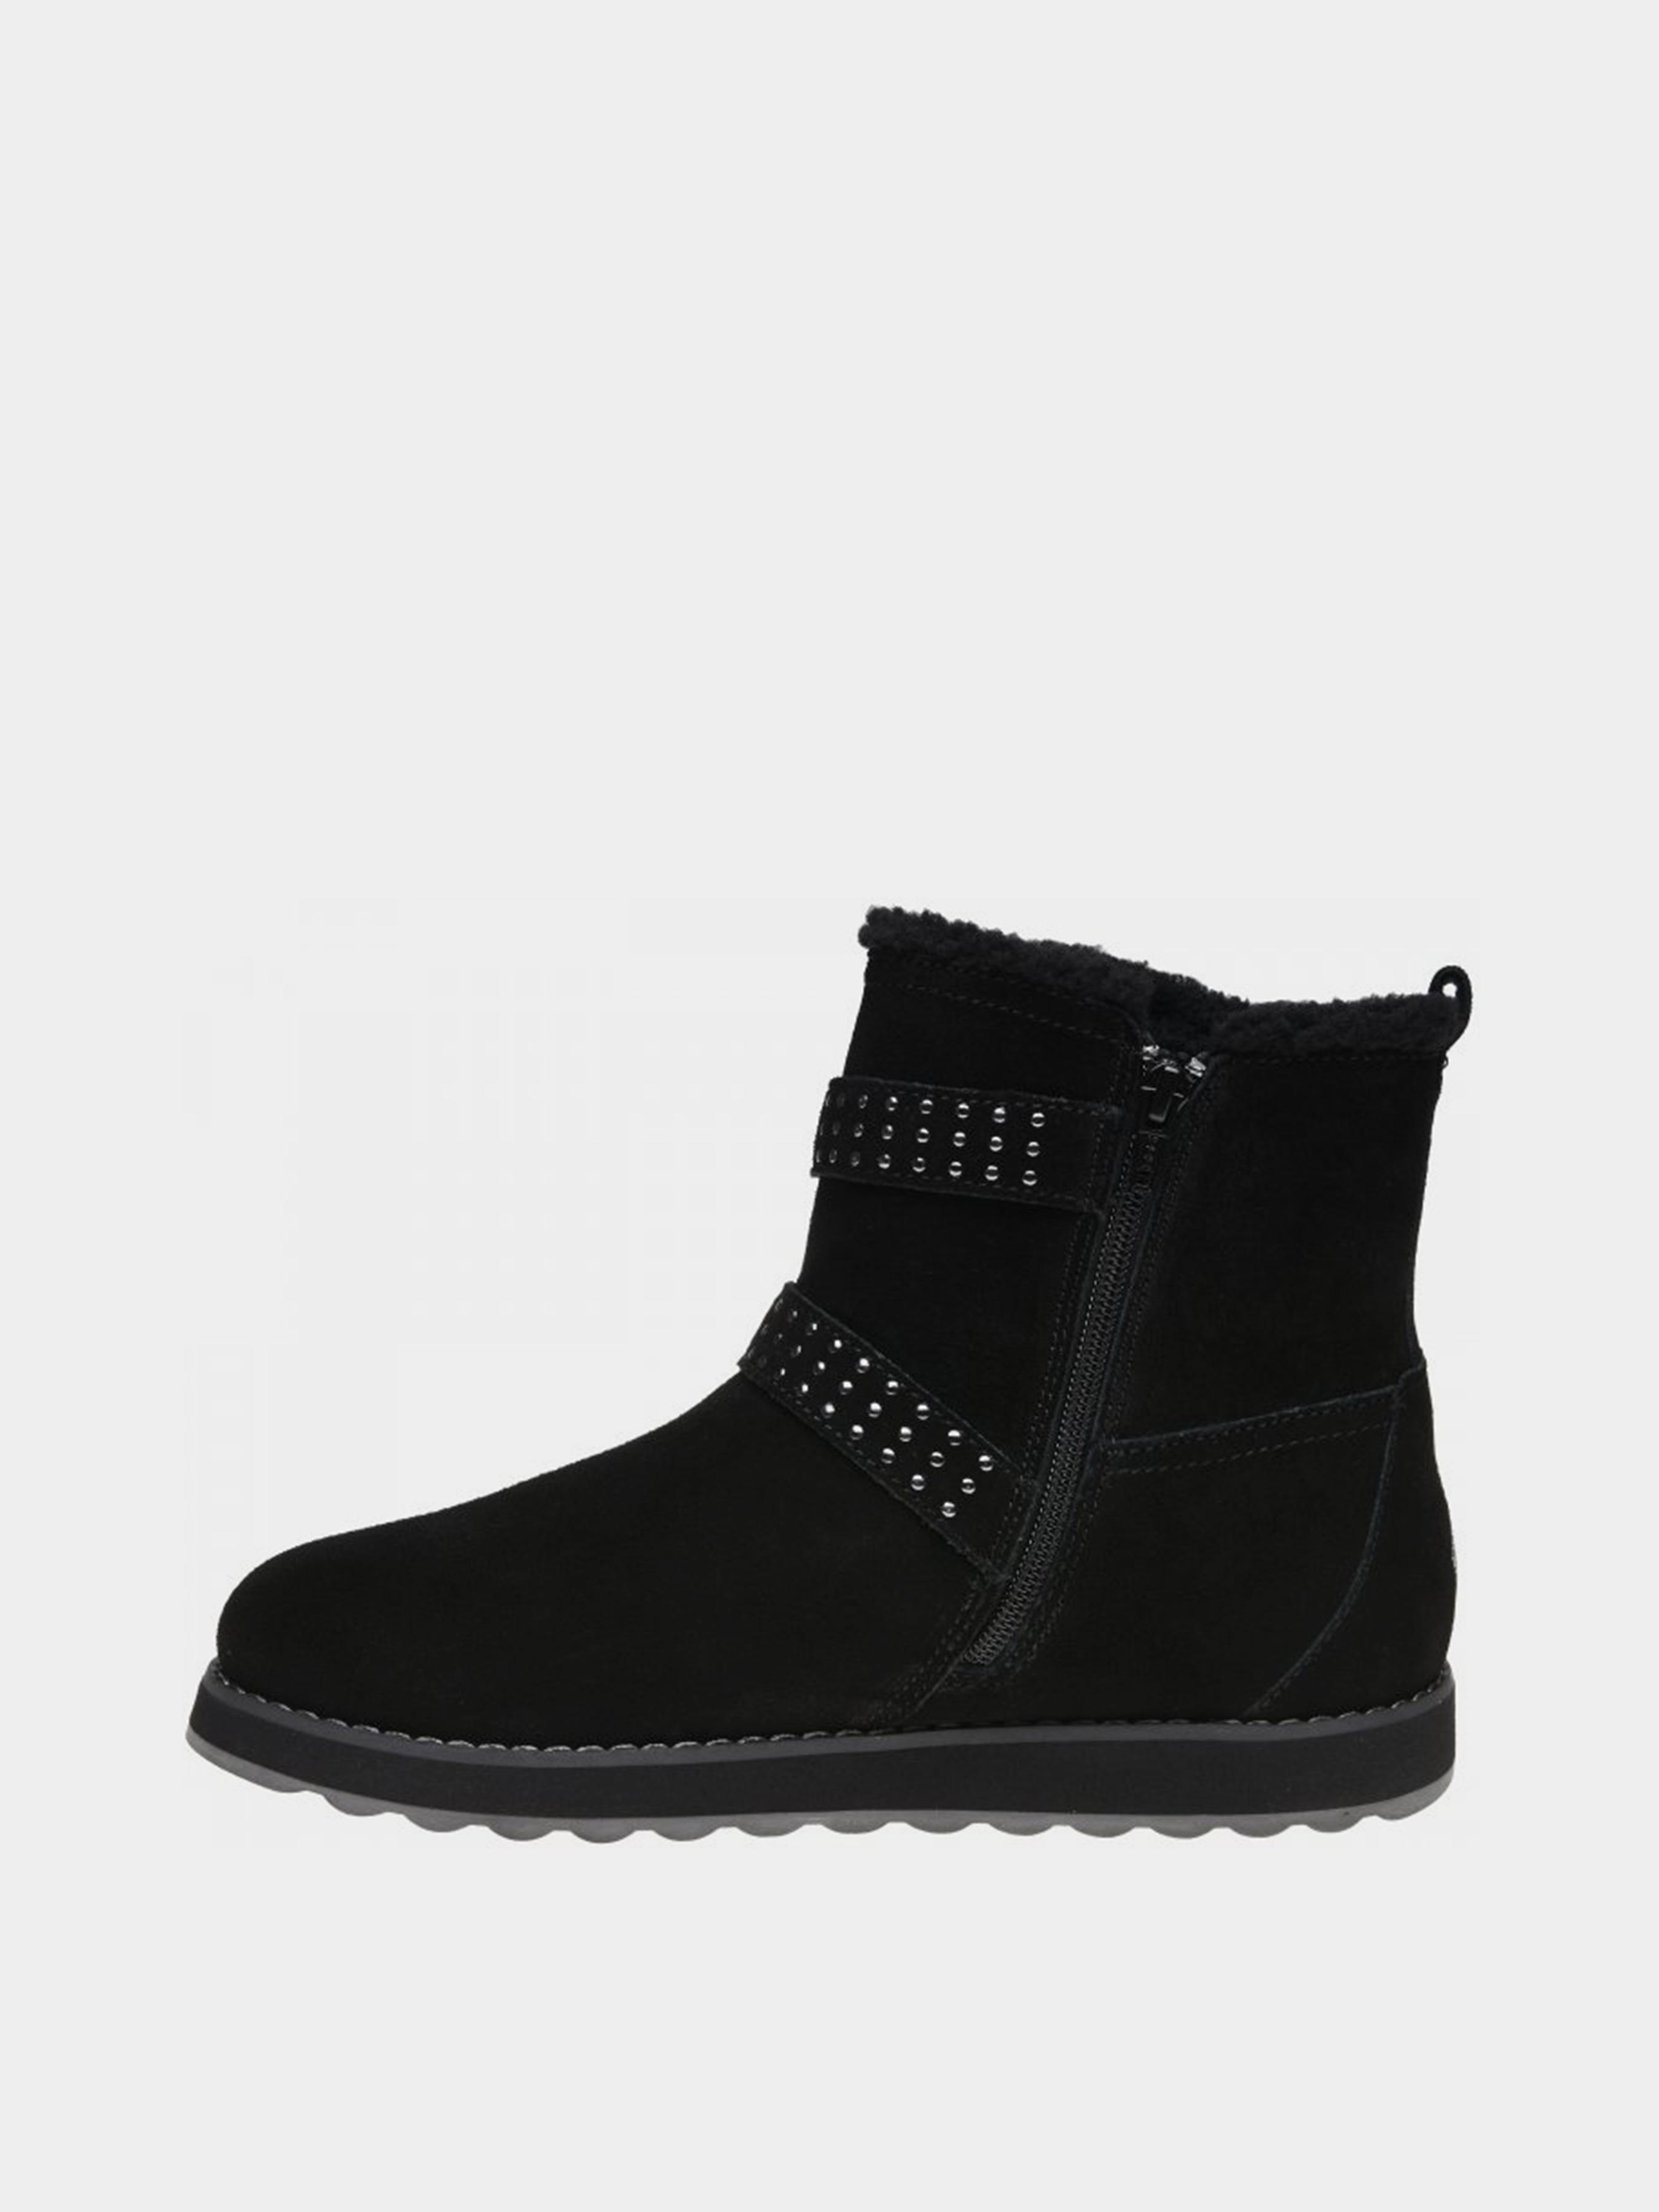 Ботинки для женщин Skechers KW5138 продажа, 2017